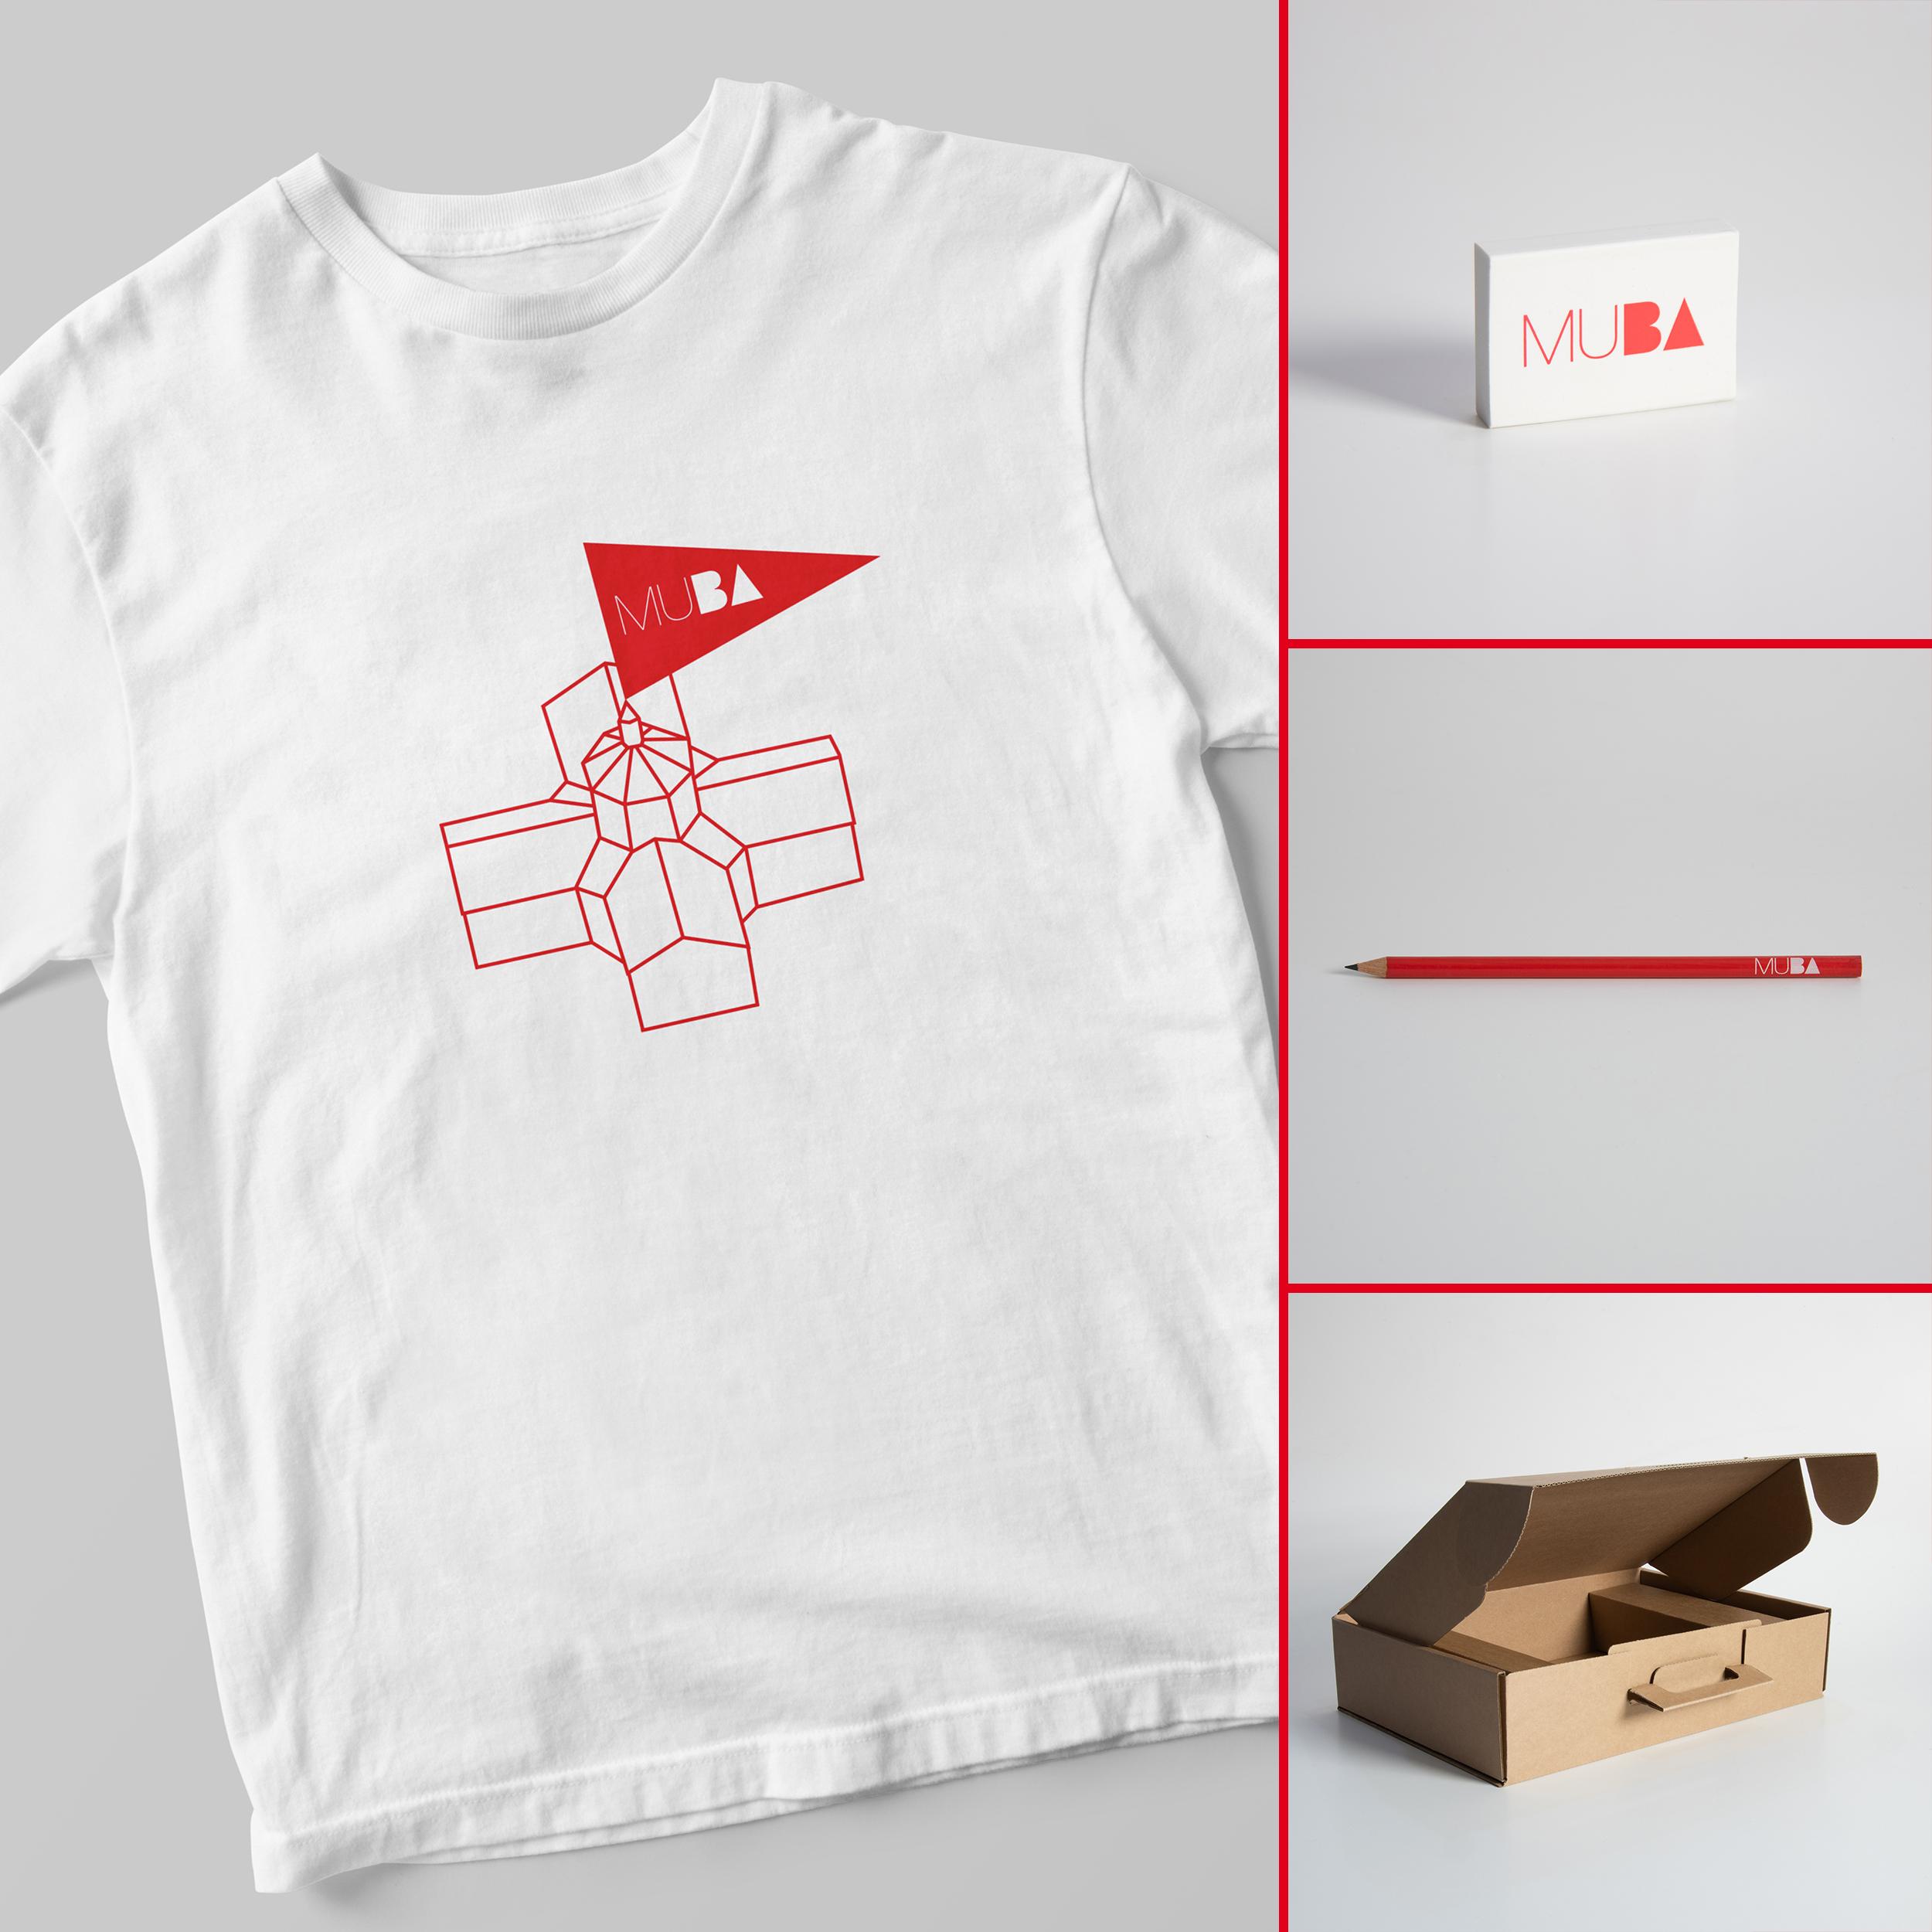 BOX COLORE - MUBA